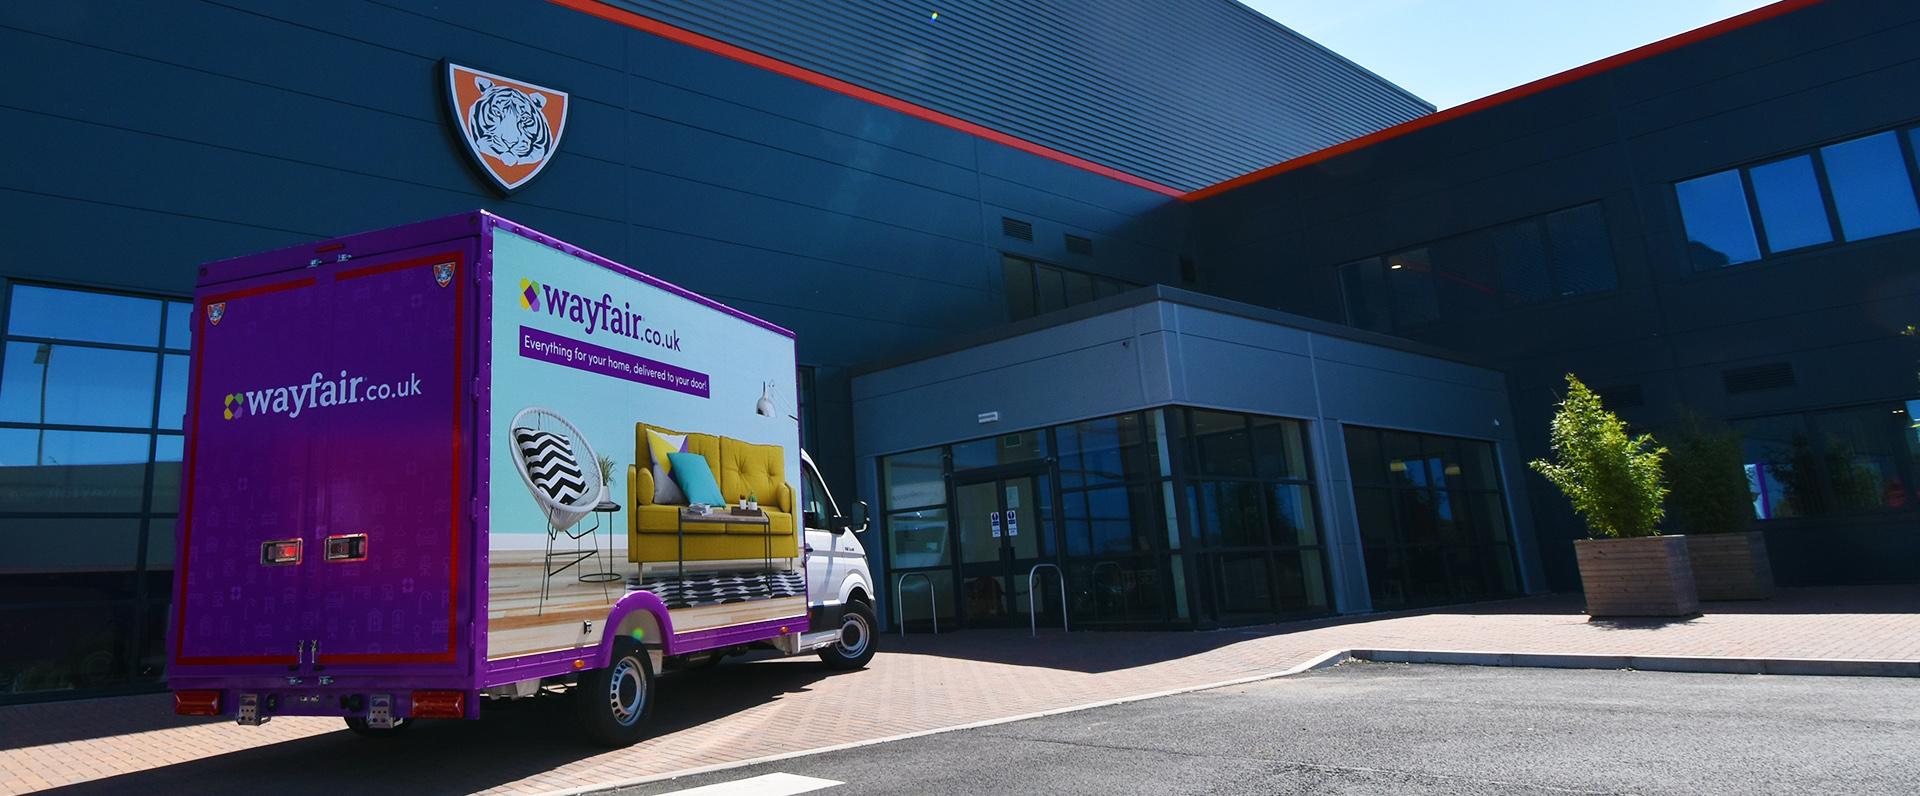 Rigid Bodywork - Wayfair 3.5t delivery van MAN shutter